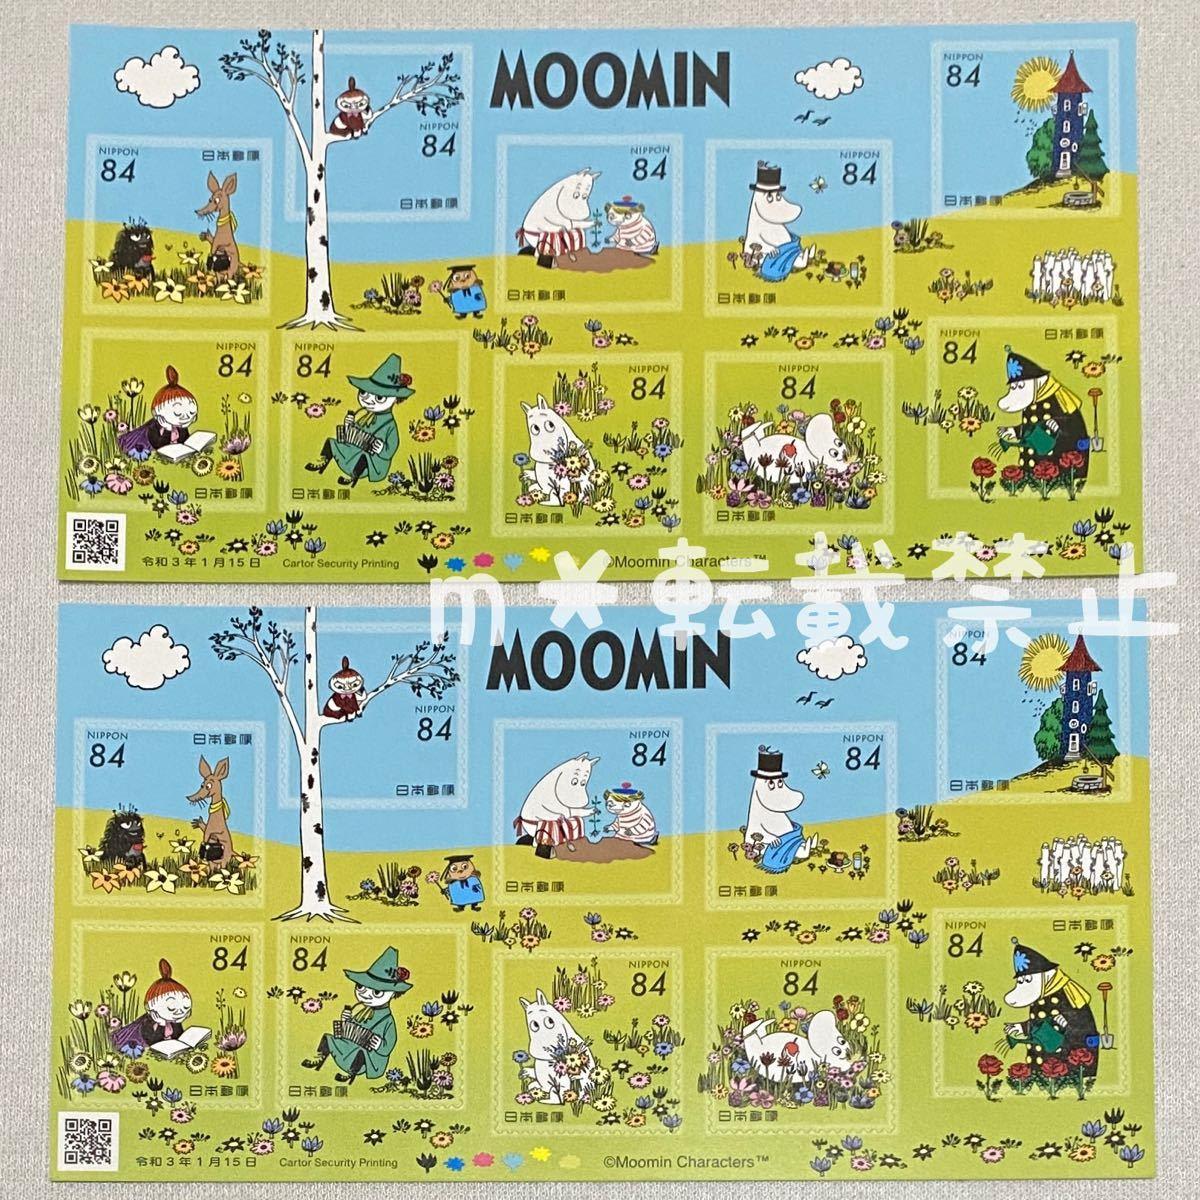 日本郵便 シール切手 84円 2シート グリーティング切手 シート ムーミン 未使用 コレクション 日本郵政公社